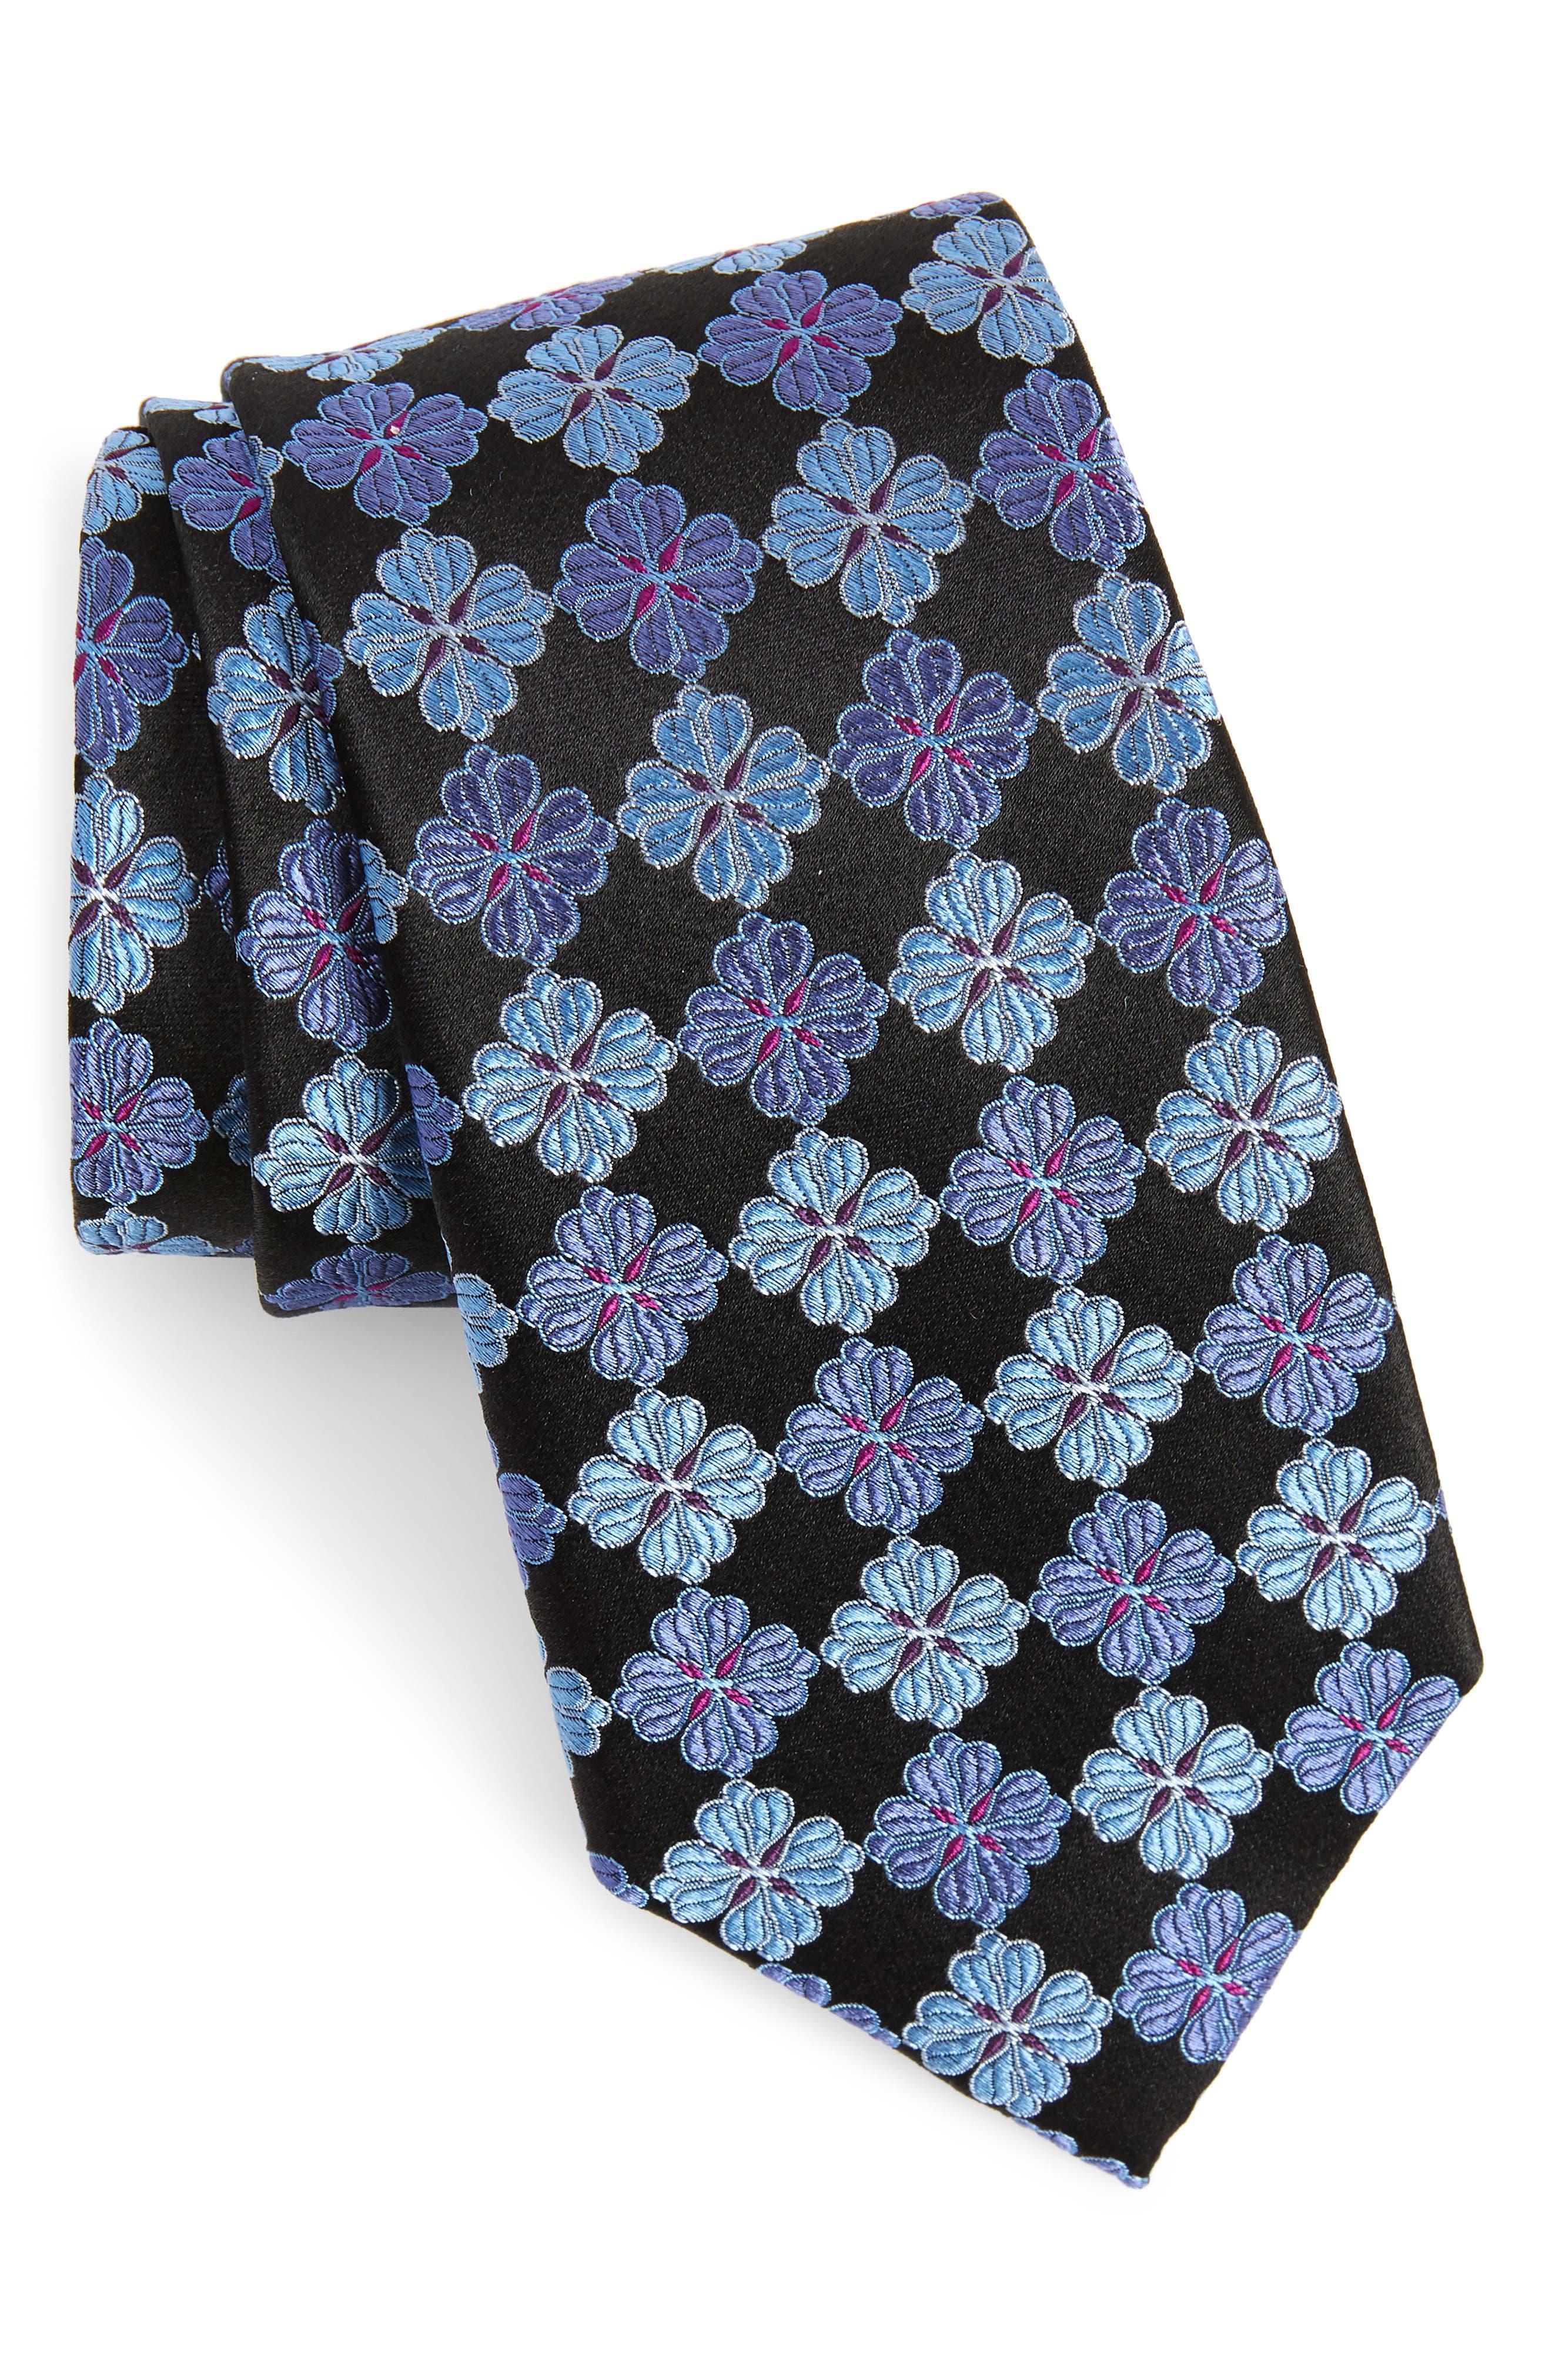 NORDSTROM MEN'S SHOP, Cole Floral Silk Tie, Main thumbnail 1, color, 002